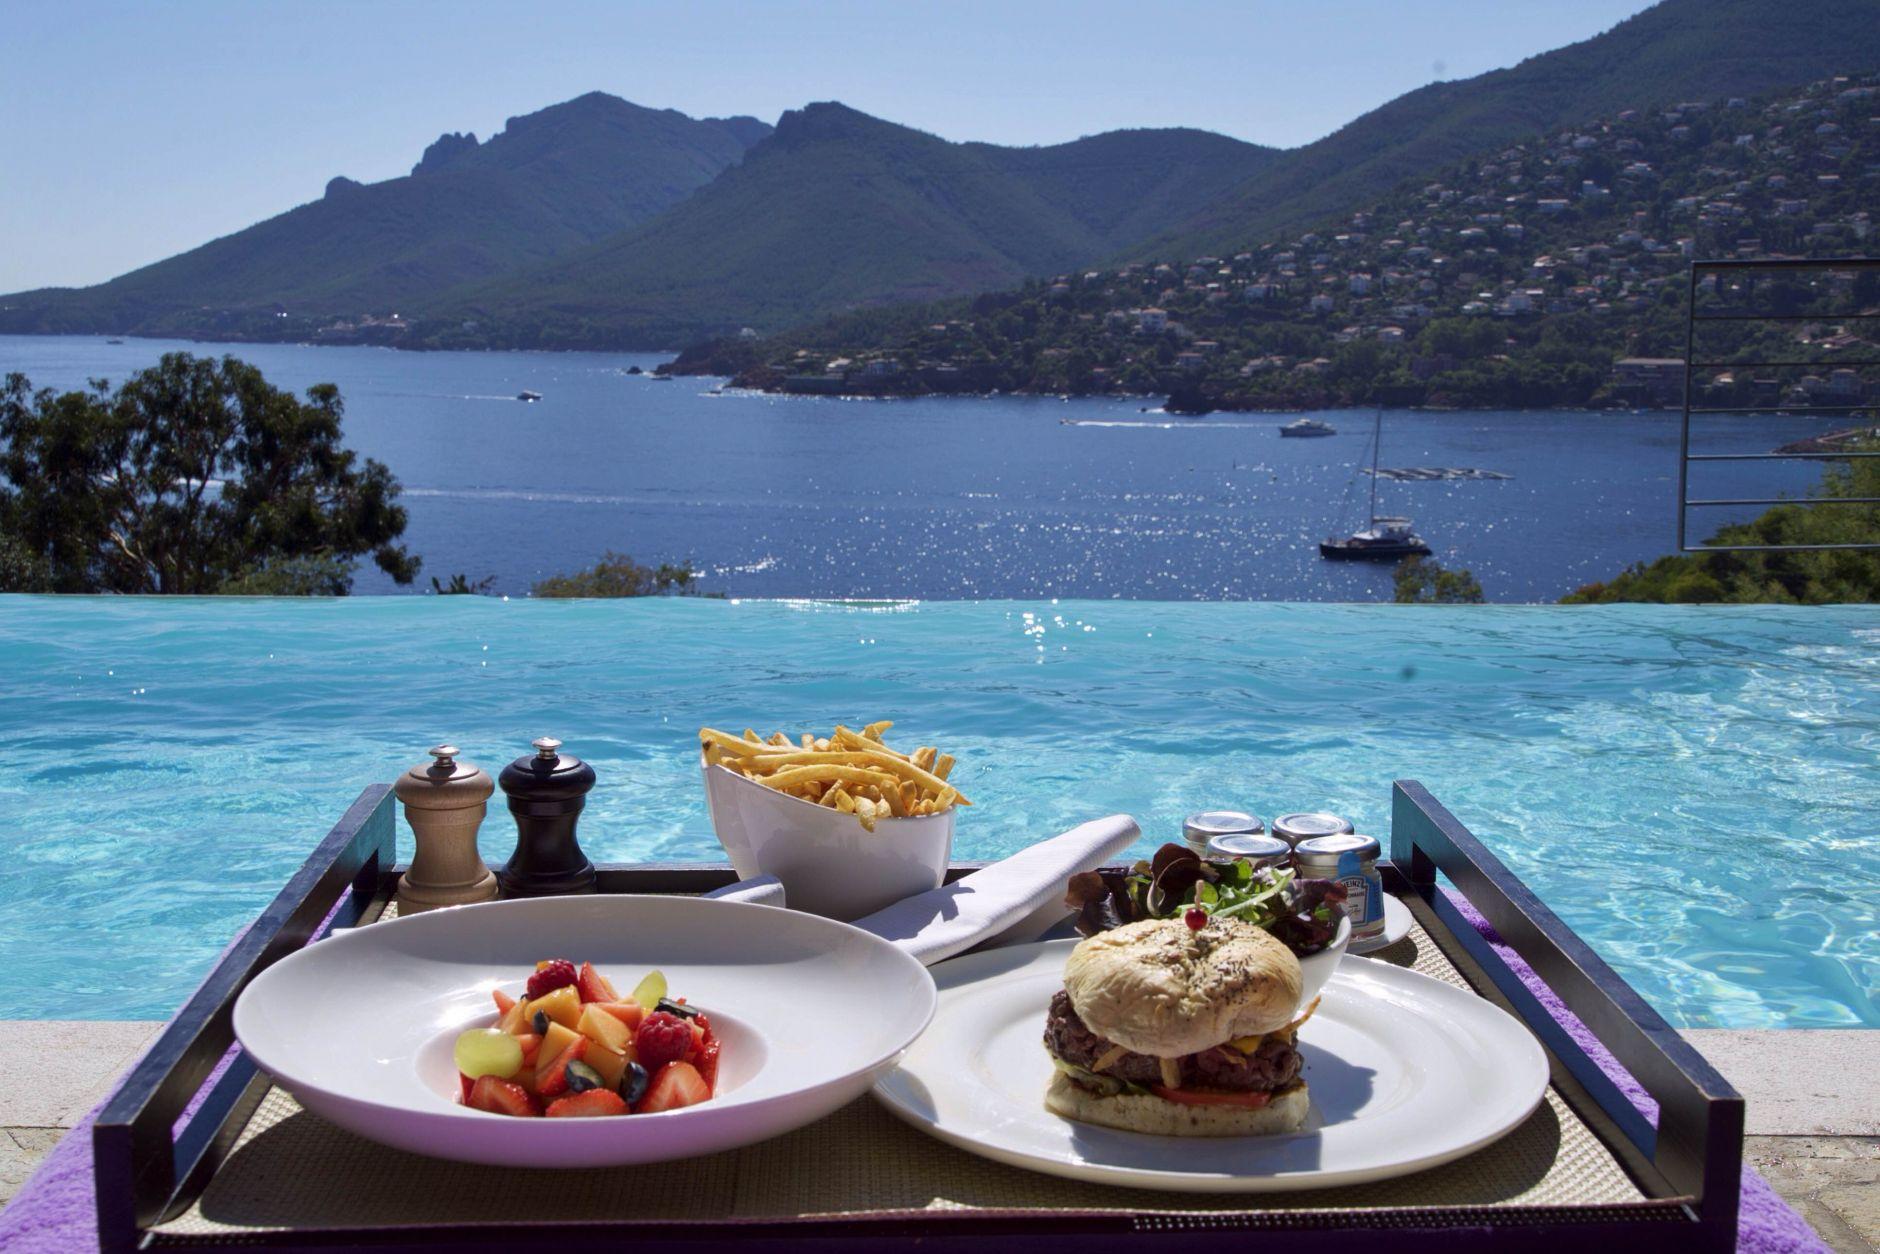 14-travel-lifestyle-hotel-tiara-yaktsa-cote-dazur-disi-couture